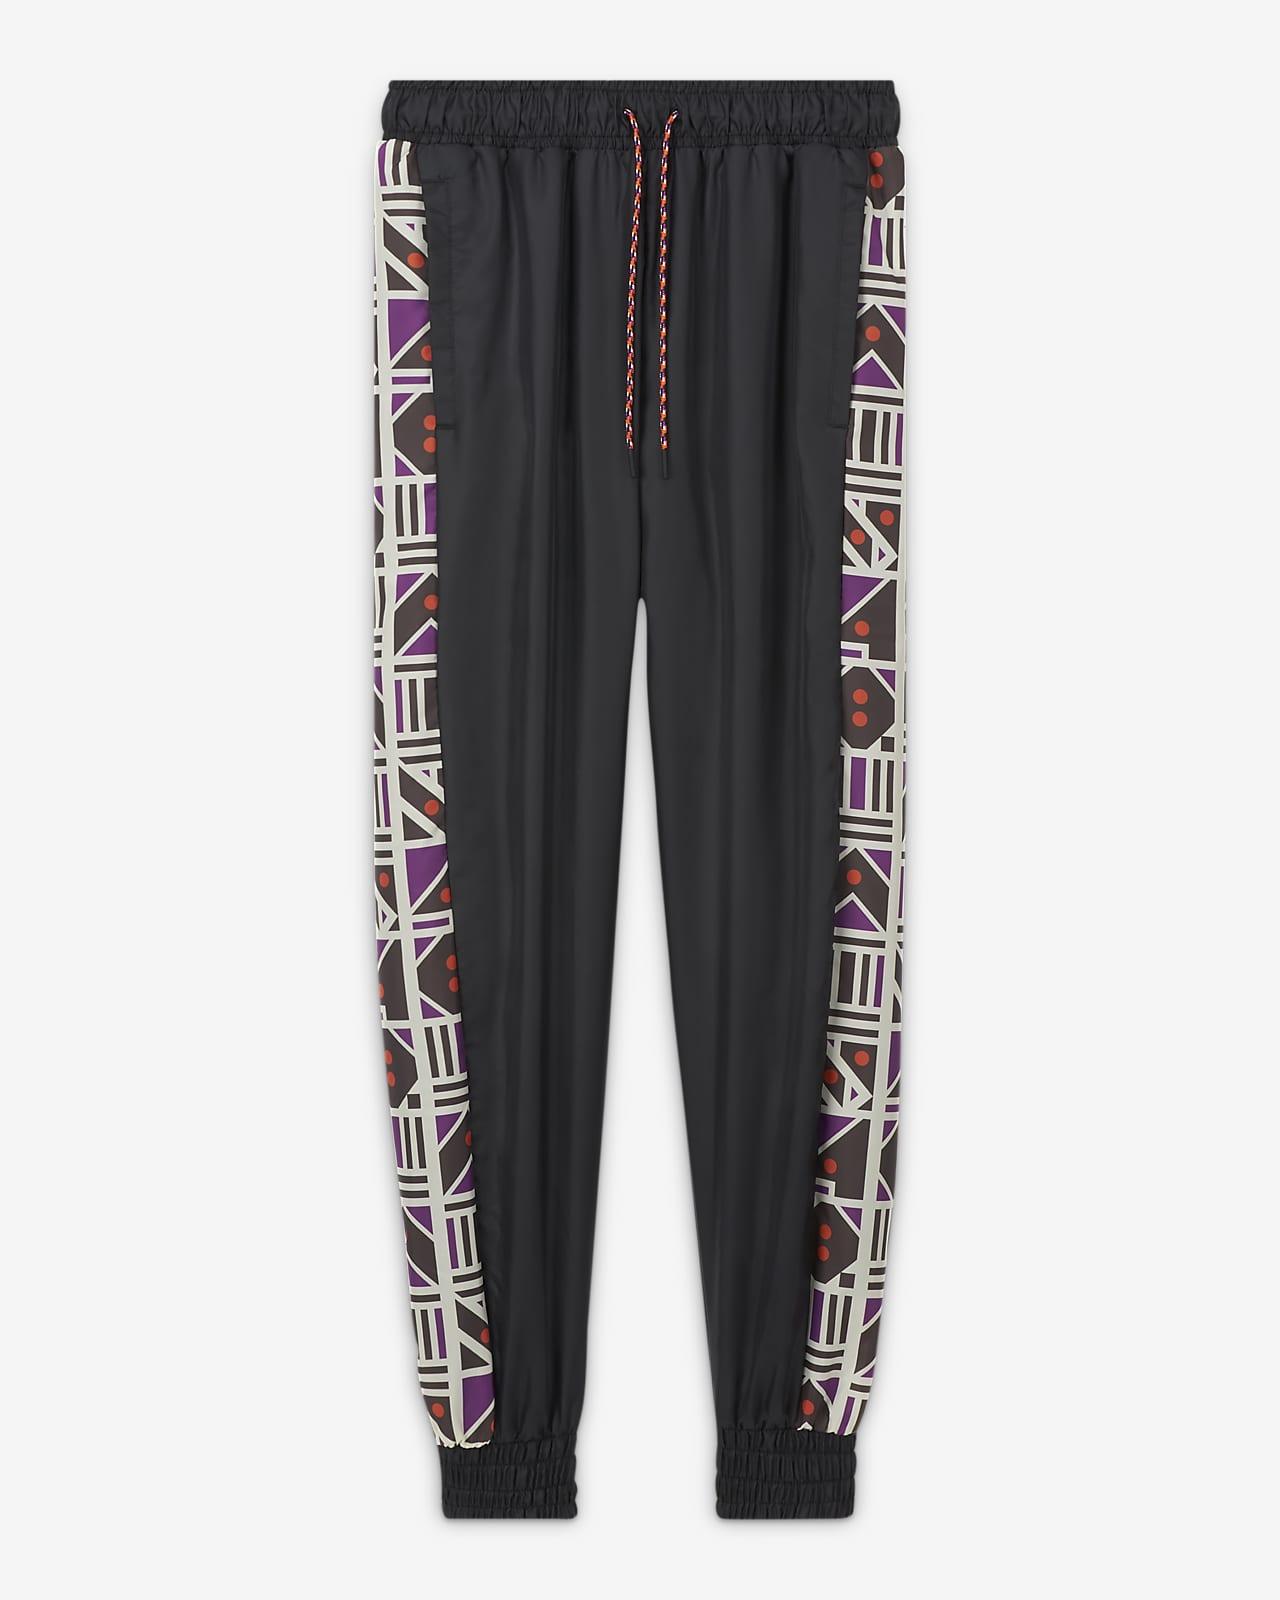 Pantalon Jordan Sport DNA Quai 54 pour Homme